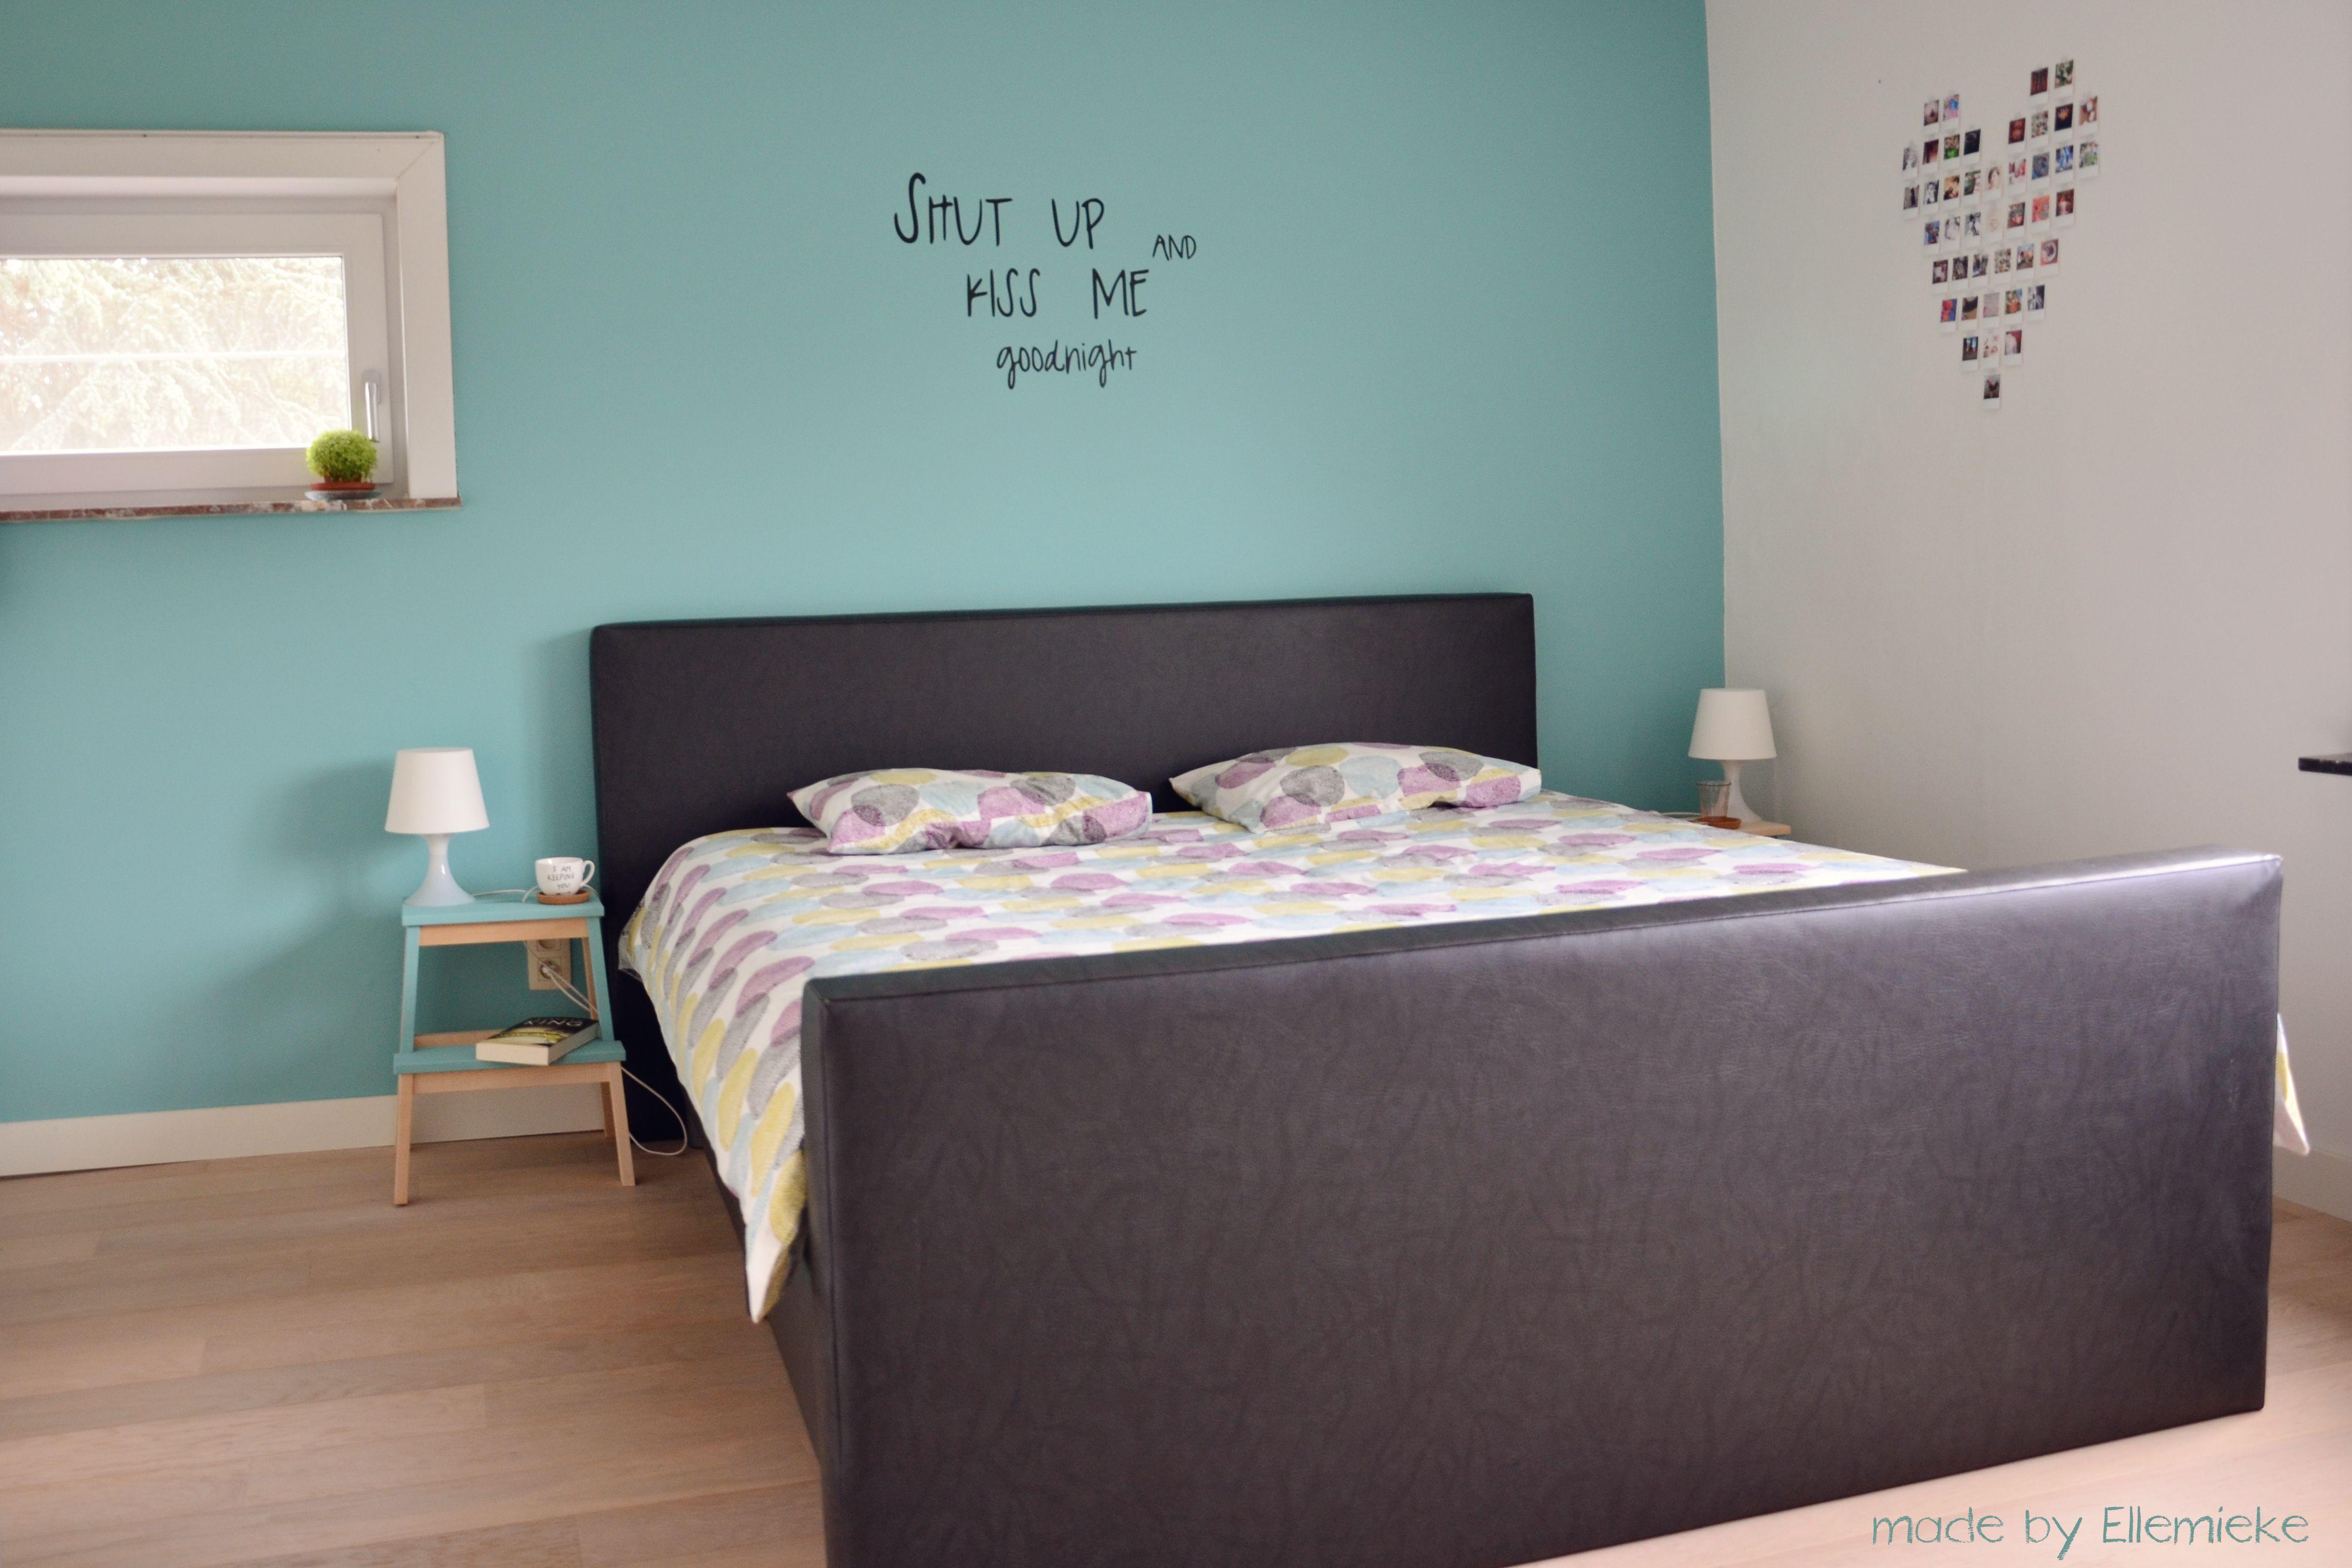 make over van onze slaapkamer meer fotos en inspiratie op mijn blogje kleur verf levis lets colour turkse steen fotocollage in mini retroprints van